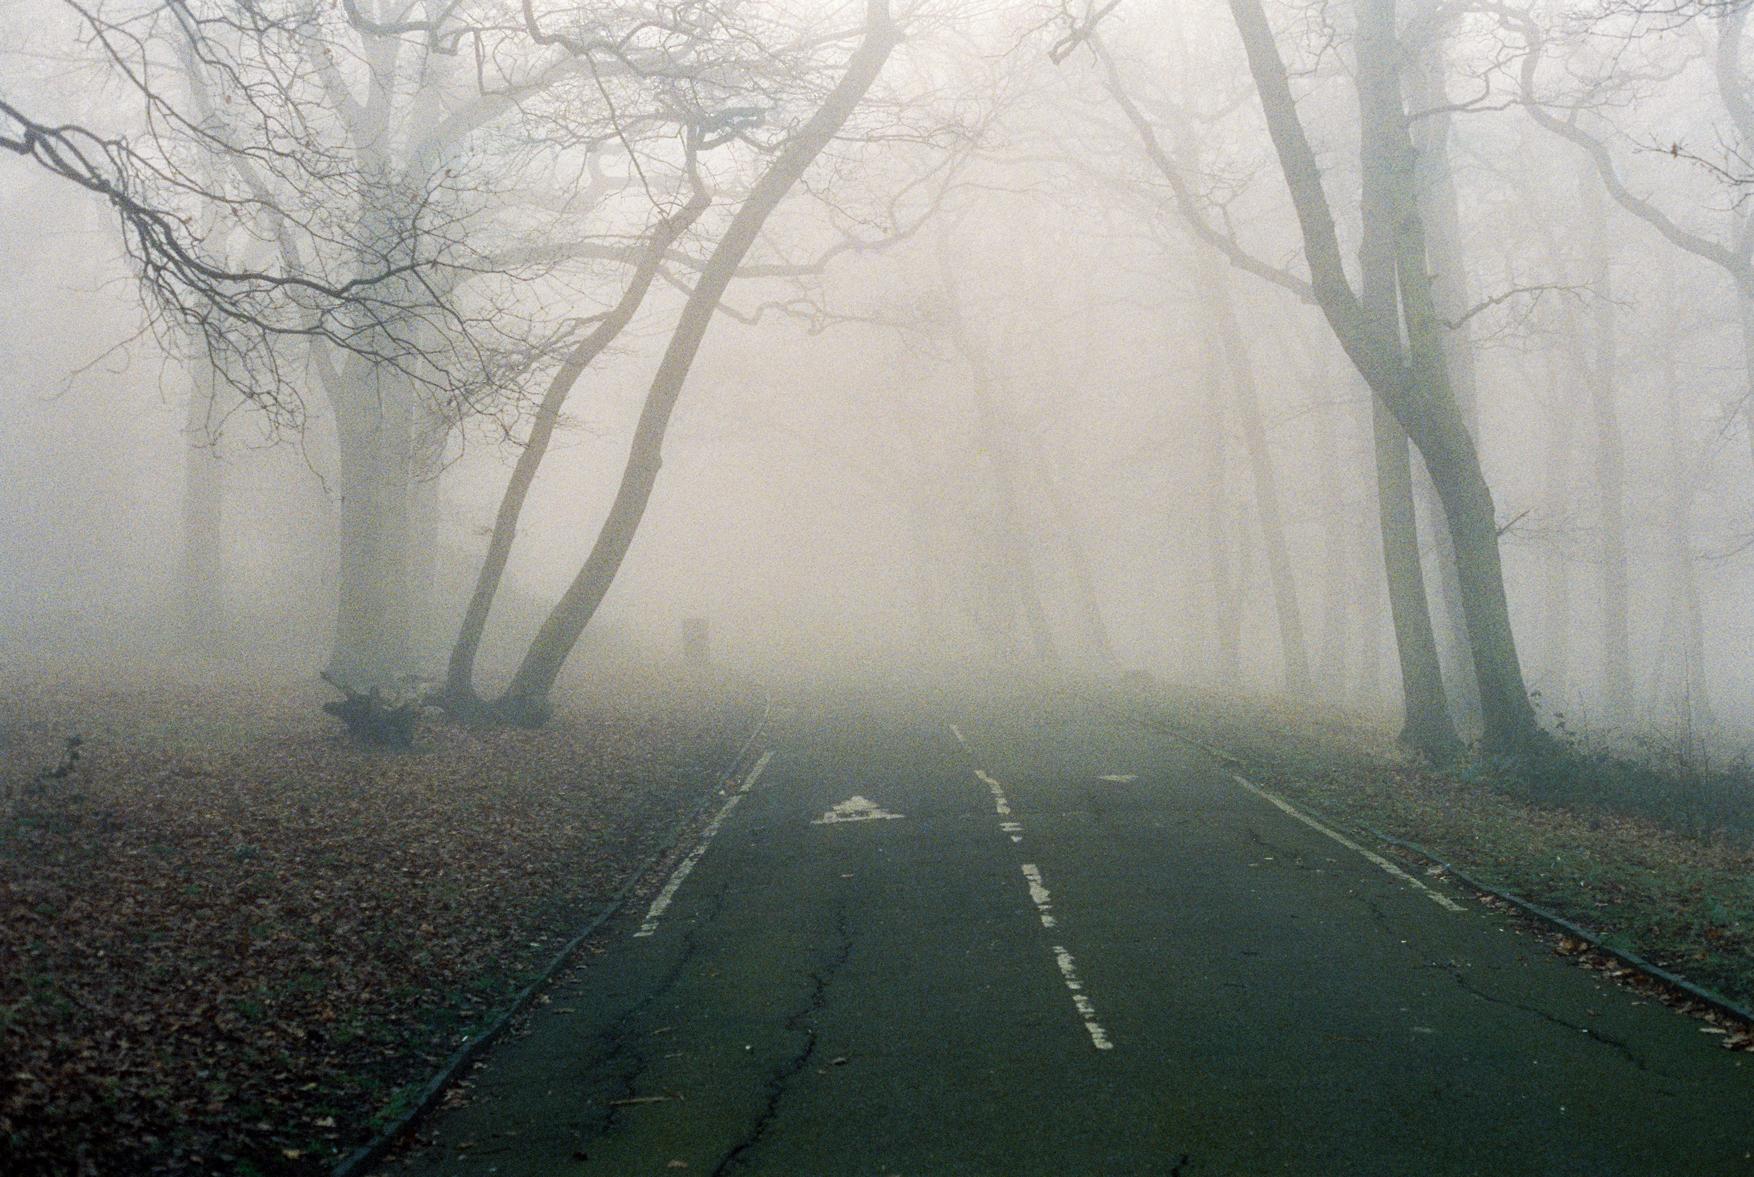 Film Photography by Dmitry Serostanov